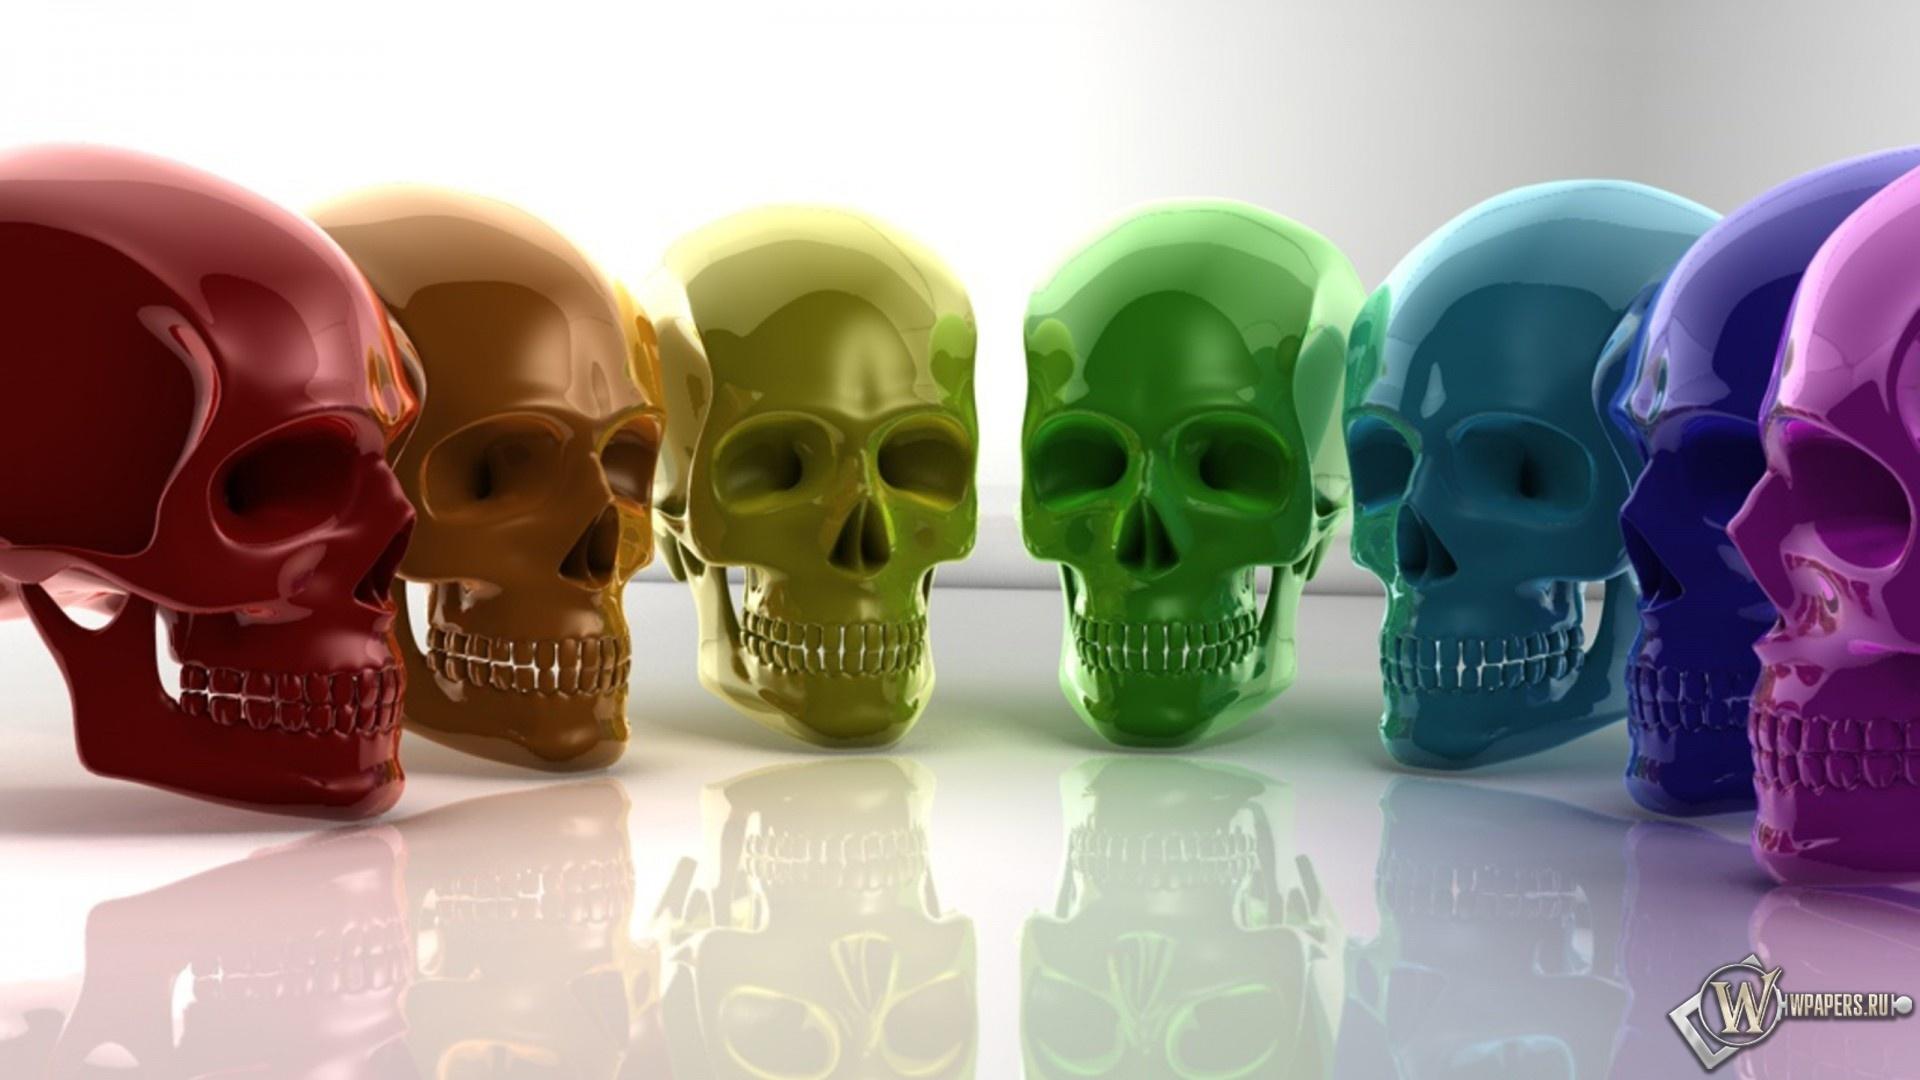 Радужные черепа 1920x1080